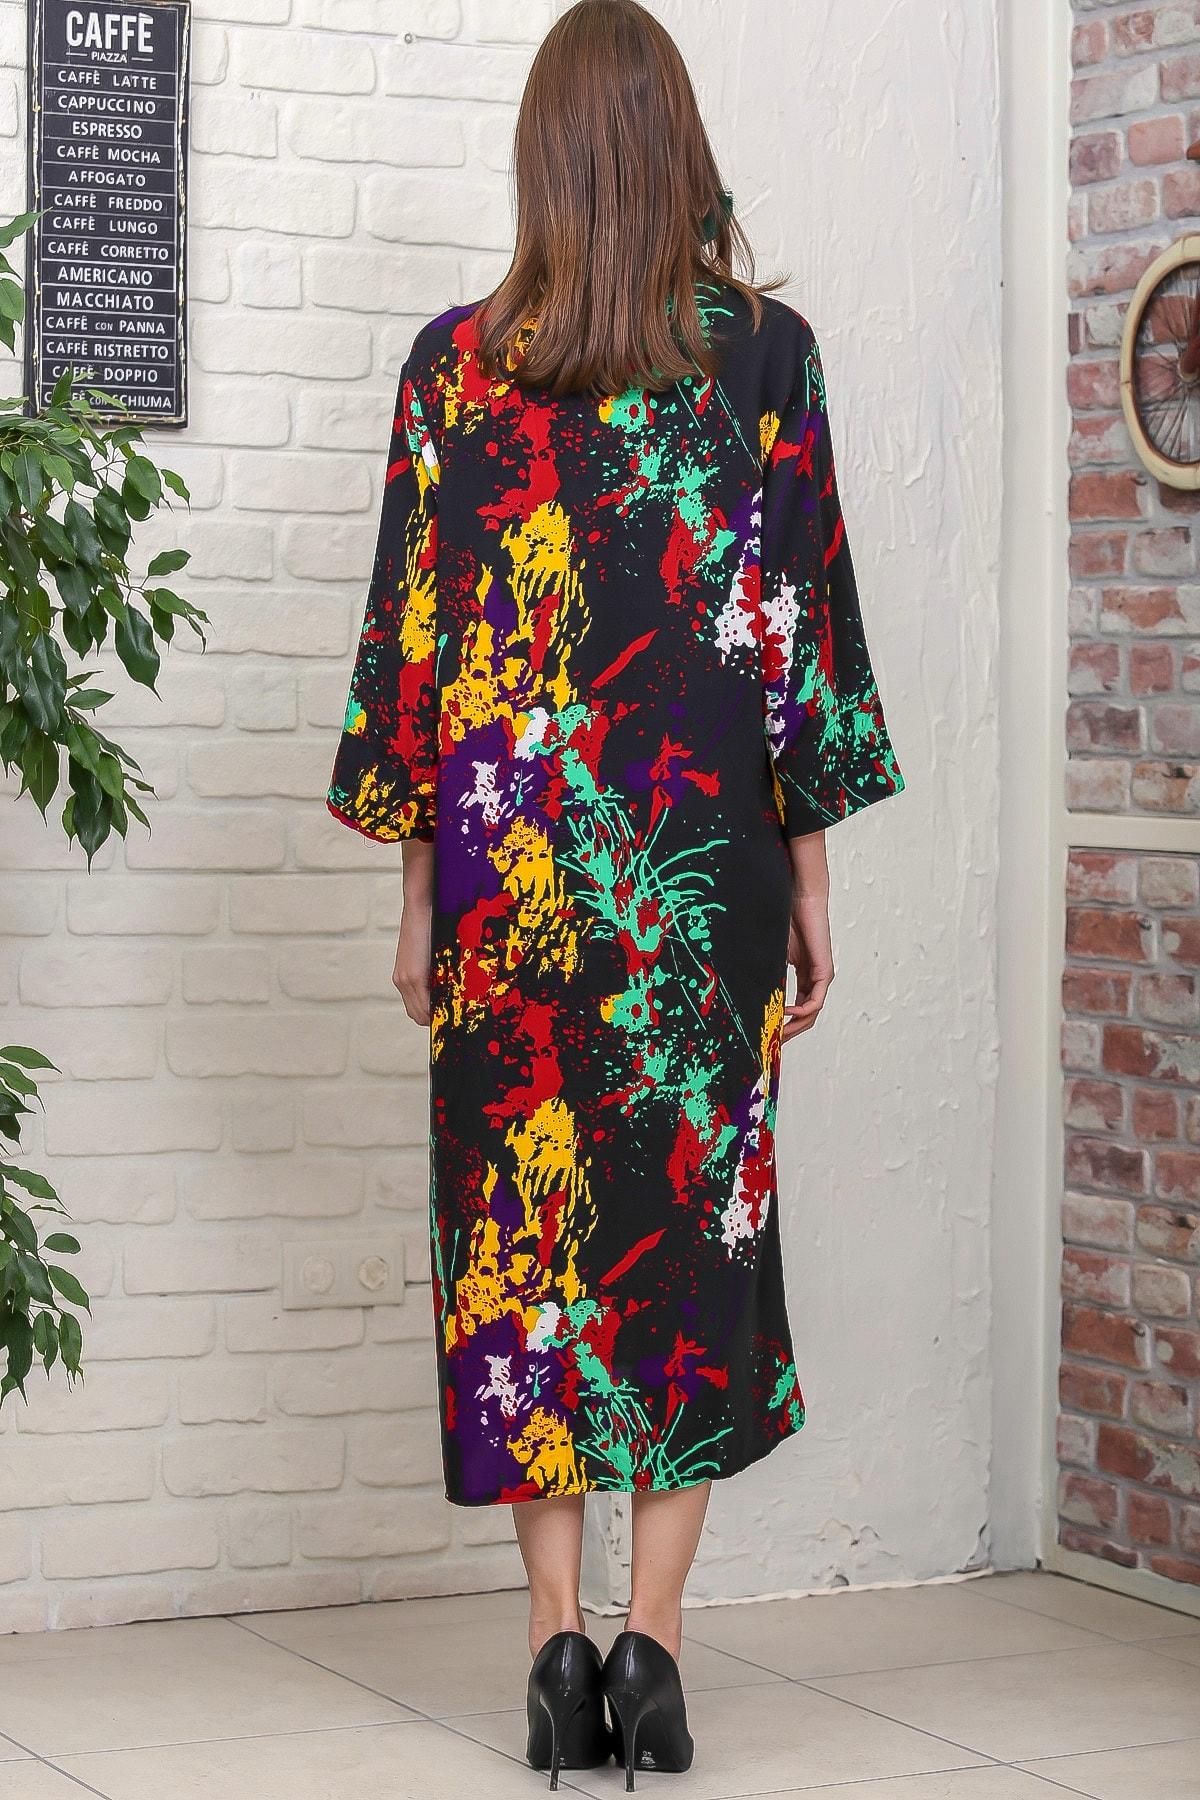 Chiccy Kadın Siyah Fırça Desen Yırtmaçlı Salaş Dokuma Gömlek Elbise M10160000EL95921 4